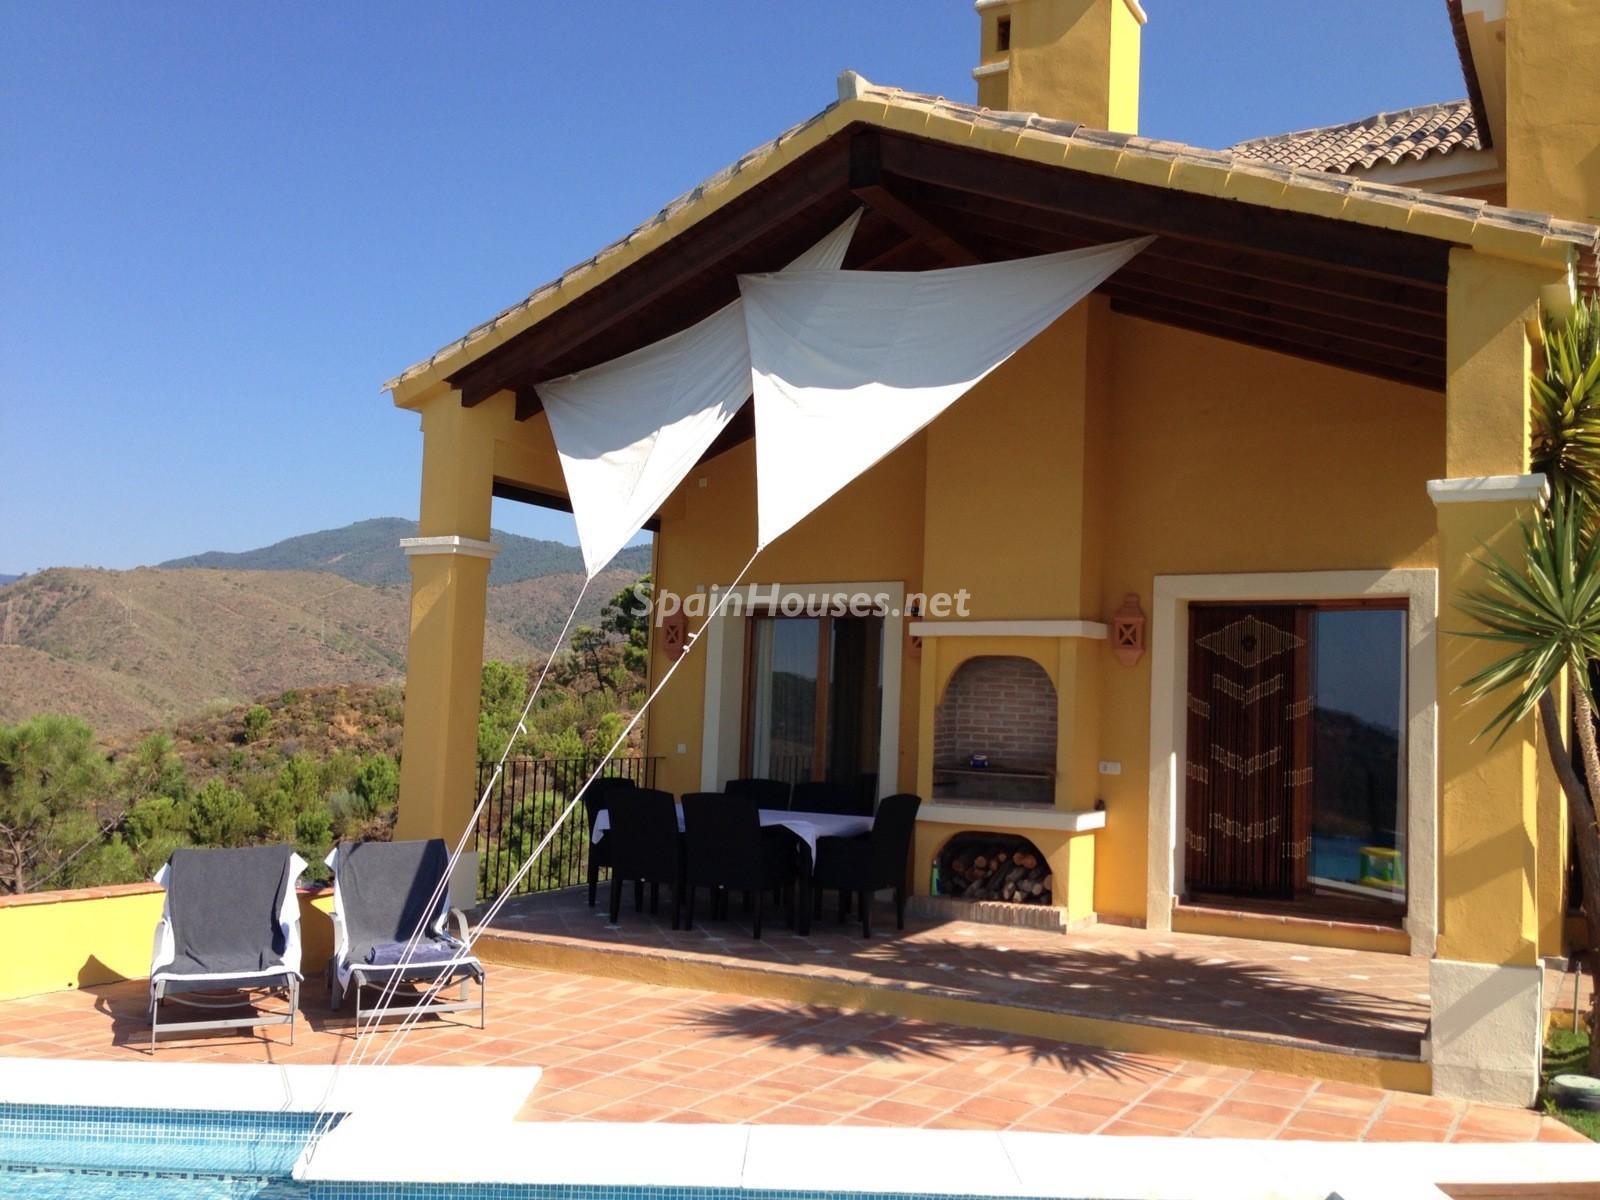 64459122 1955062 foto 106793 - Los mejores pueblos de Málaga para una escapada rural en las fiestas del Pilar